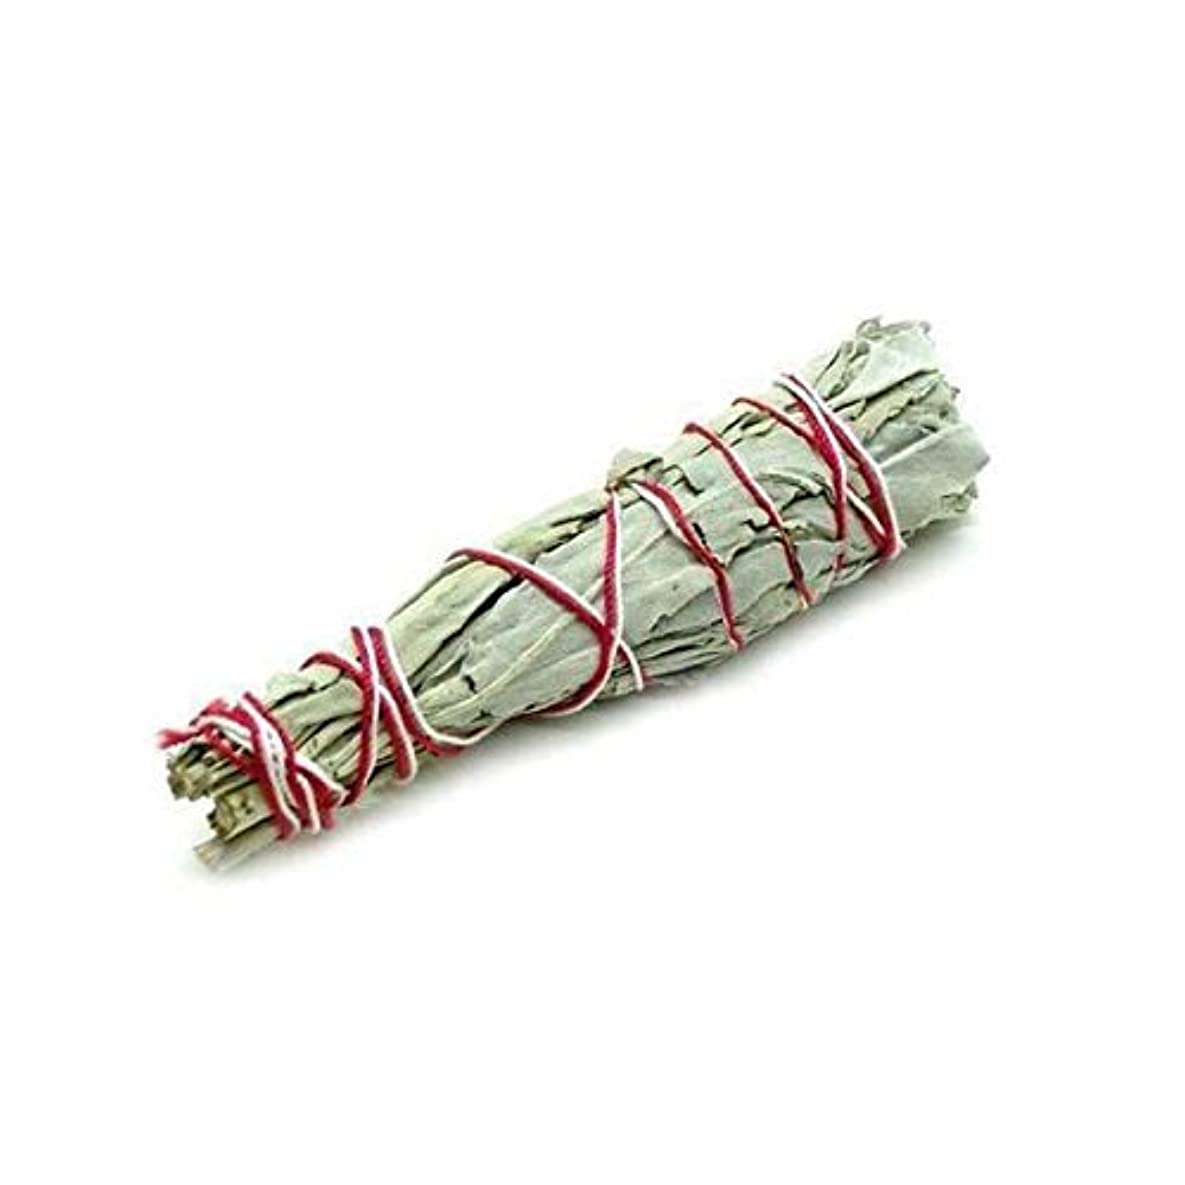 交響曲女将救出セージバンドル – ホワイトセージSmudge Stick使用のクレンジングとPurifyingエネルギー、瞑想、自然として、消臭 – 6 Inches Long